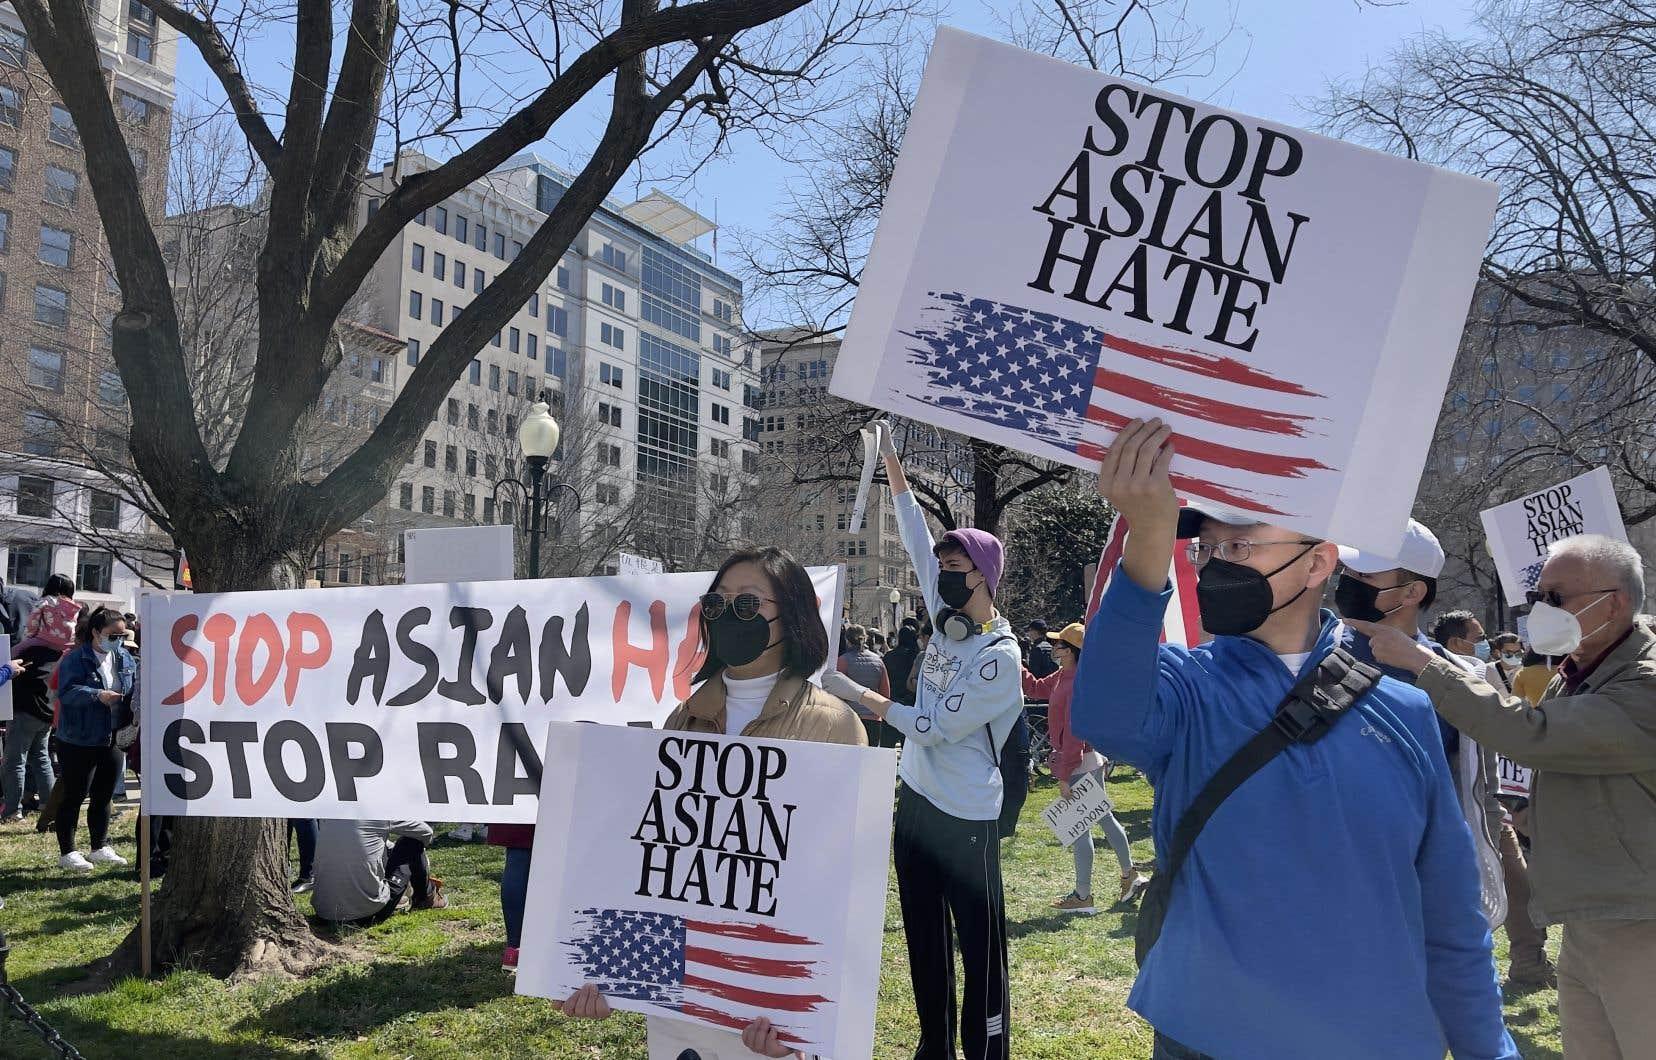 Des membres et sympathisants de la communauté américano-asiatique ont participé à un rassemblement au McPherson Square à Washington, le 21 mars dernier, pour dénoncer la haine et le racisme envers cette communauté.